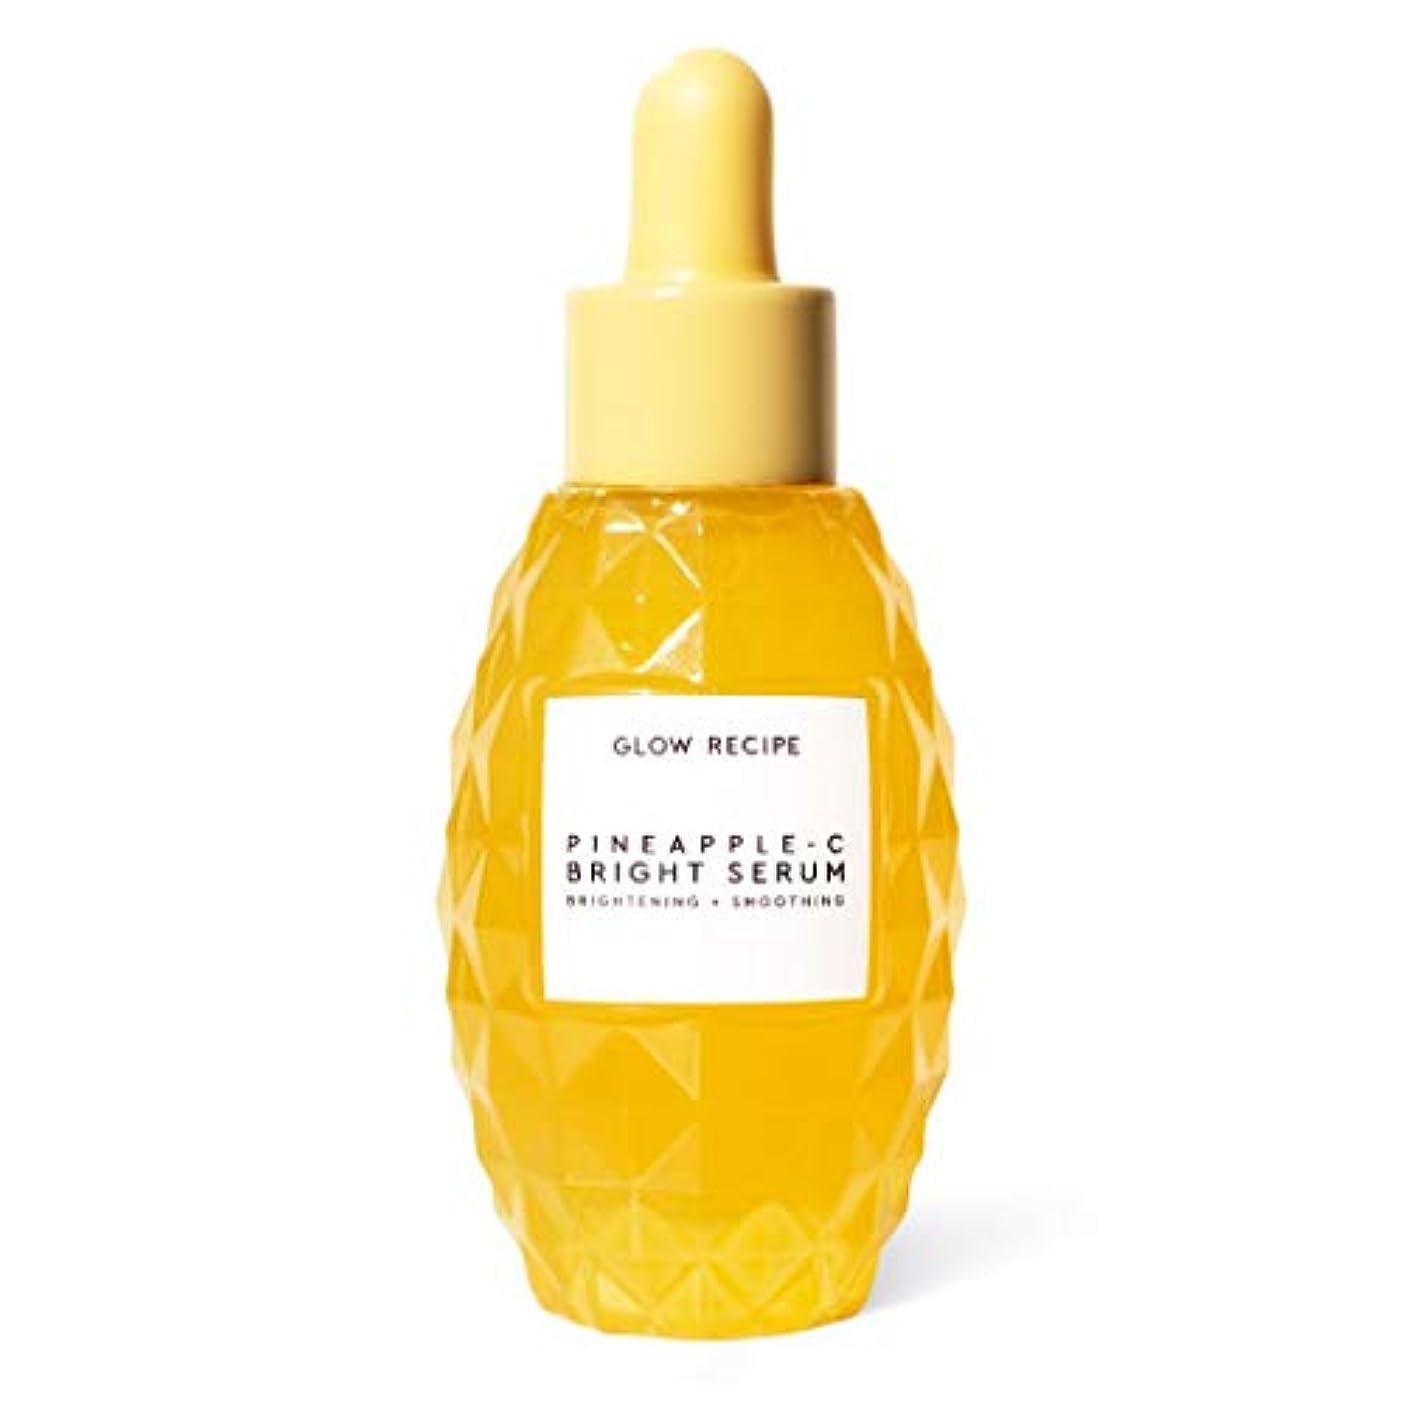 伝記周辺慈悲Glow Recipe Pineapple-C Brightening Serum 1 Fl. Oz/ 30ml グロウレシピ パイナップル シー ブライト二ング セラム